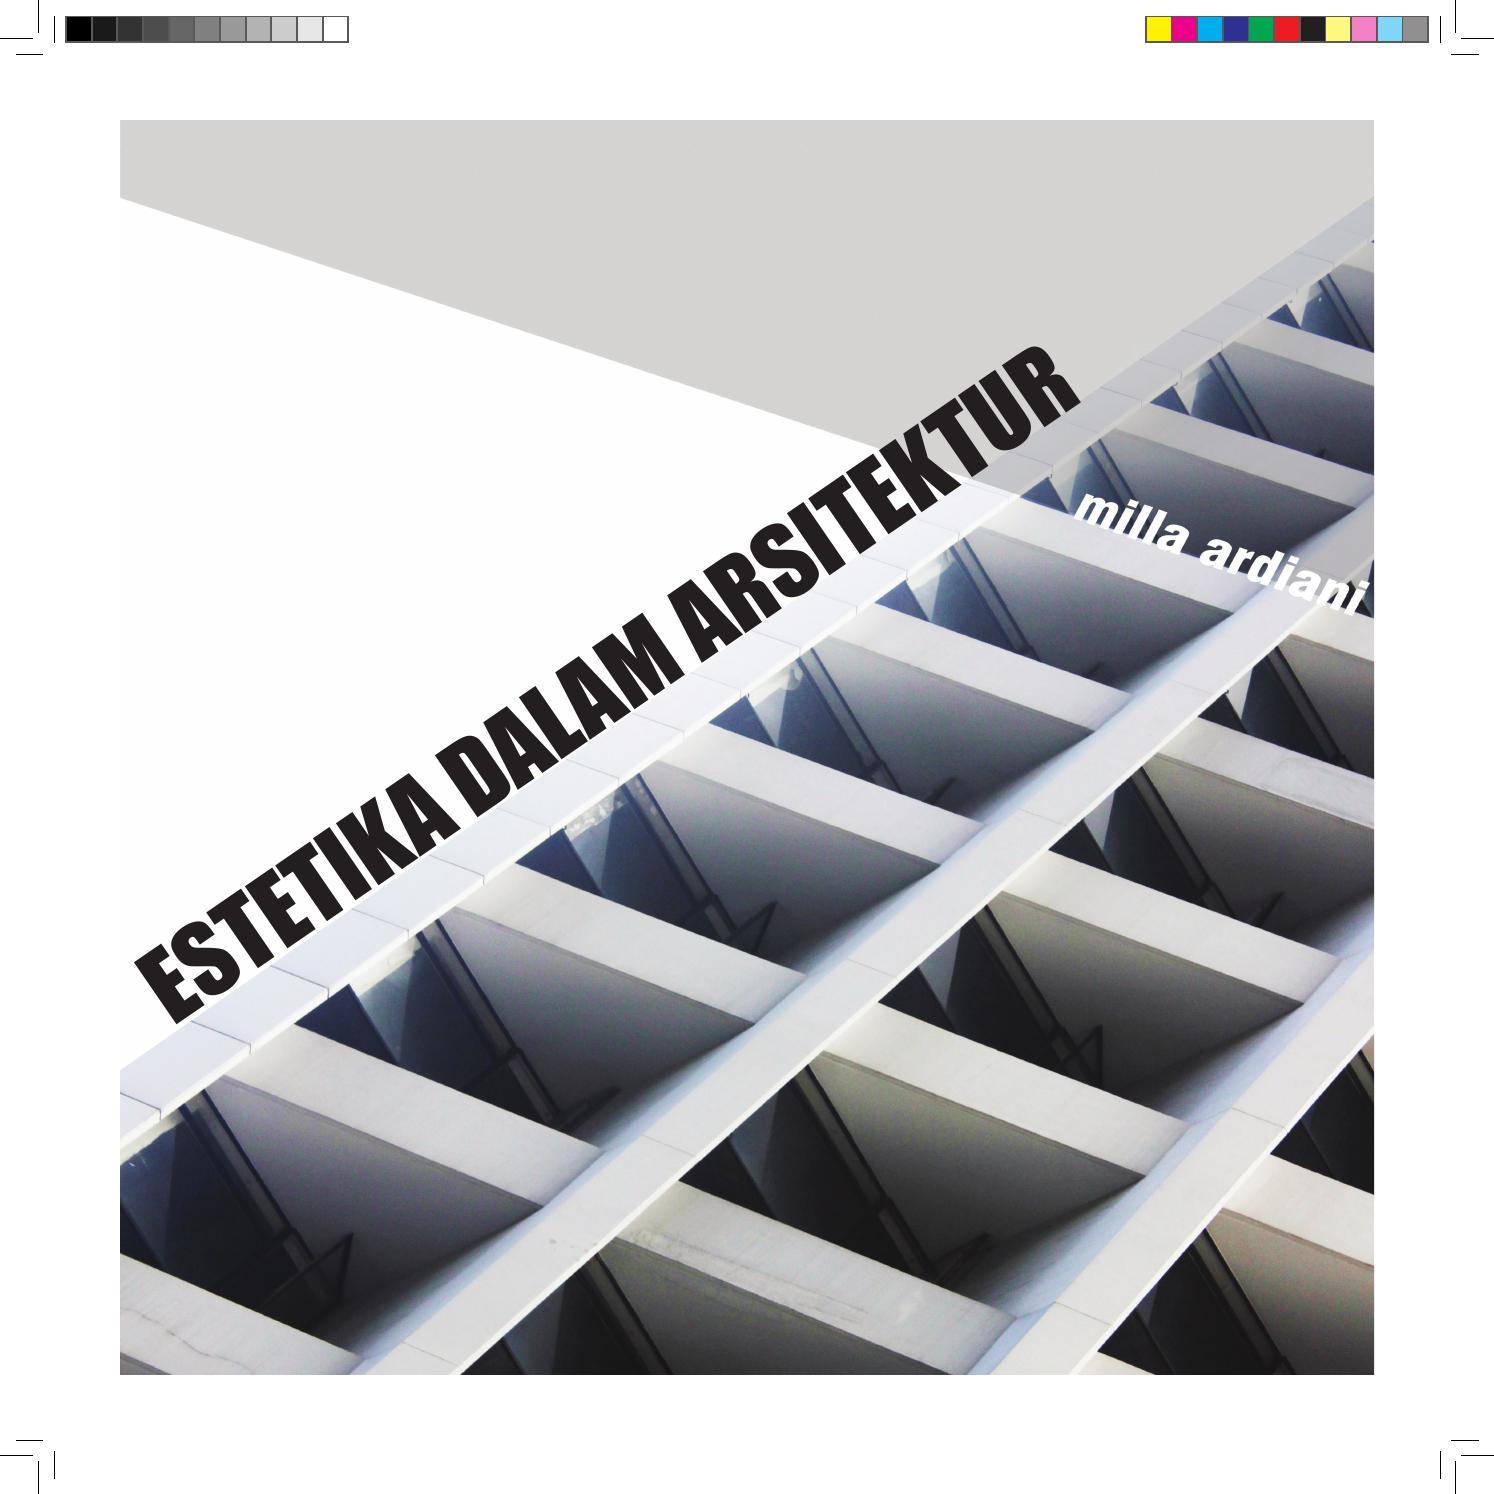 Unsur Unsur Desain Jasa: Contoh Skematik Desain Arsitektur